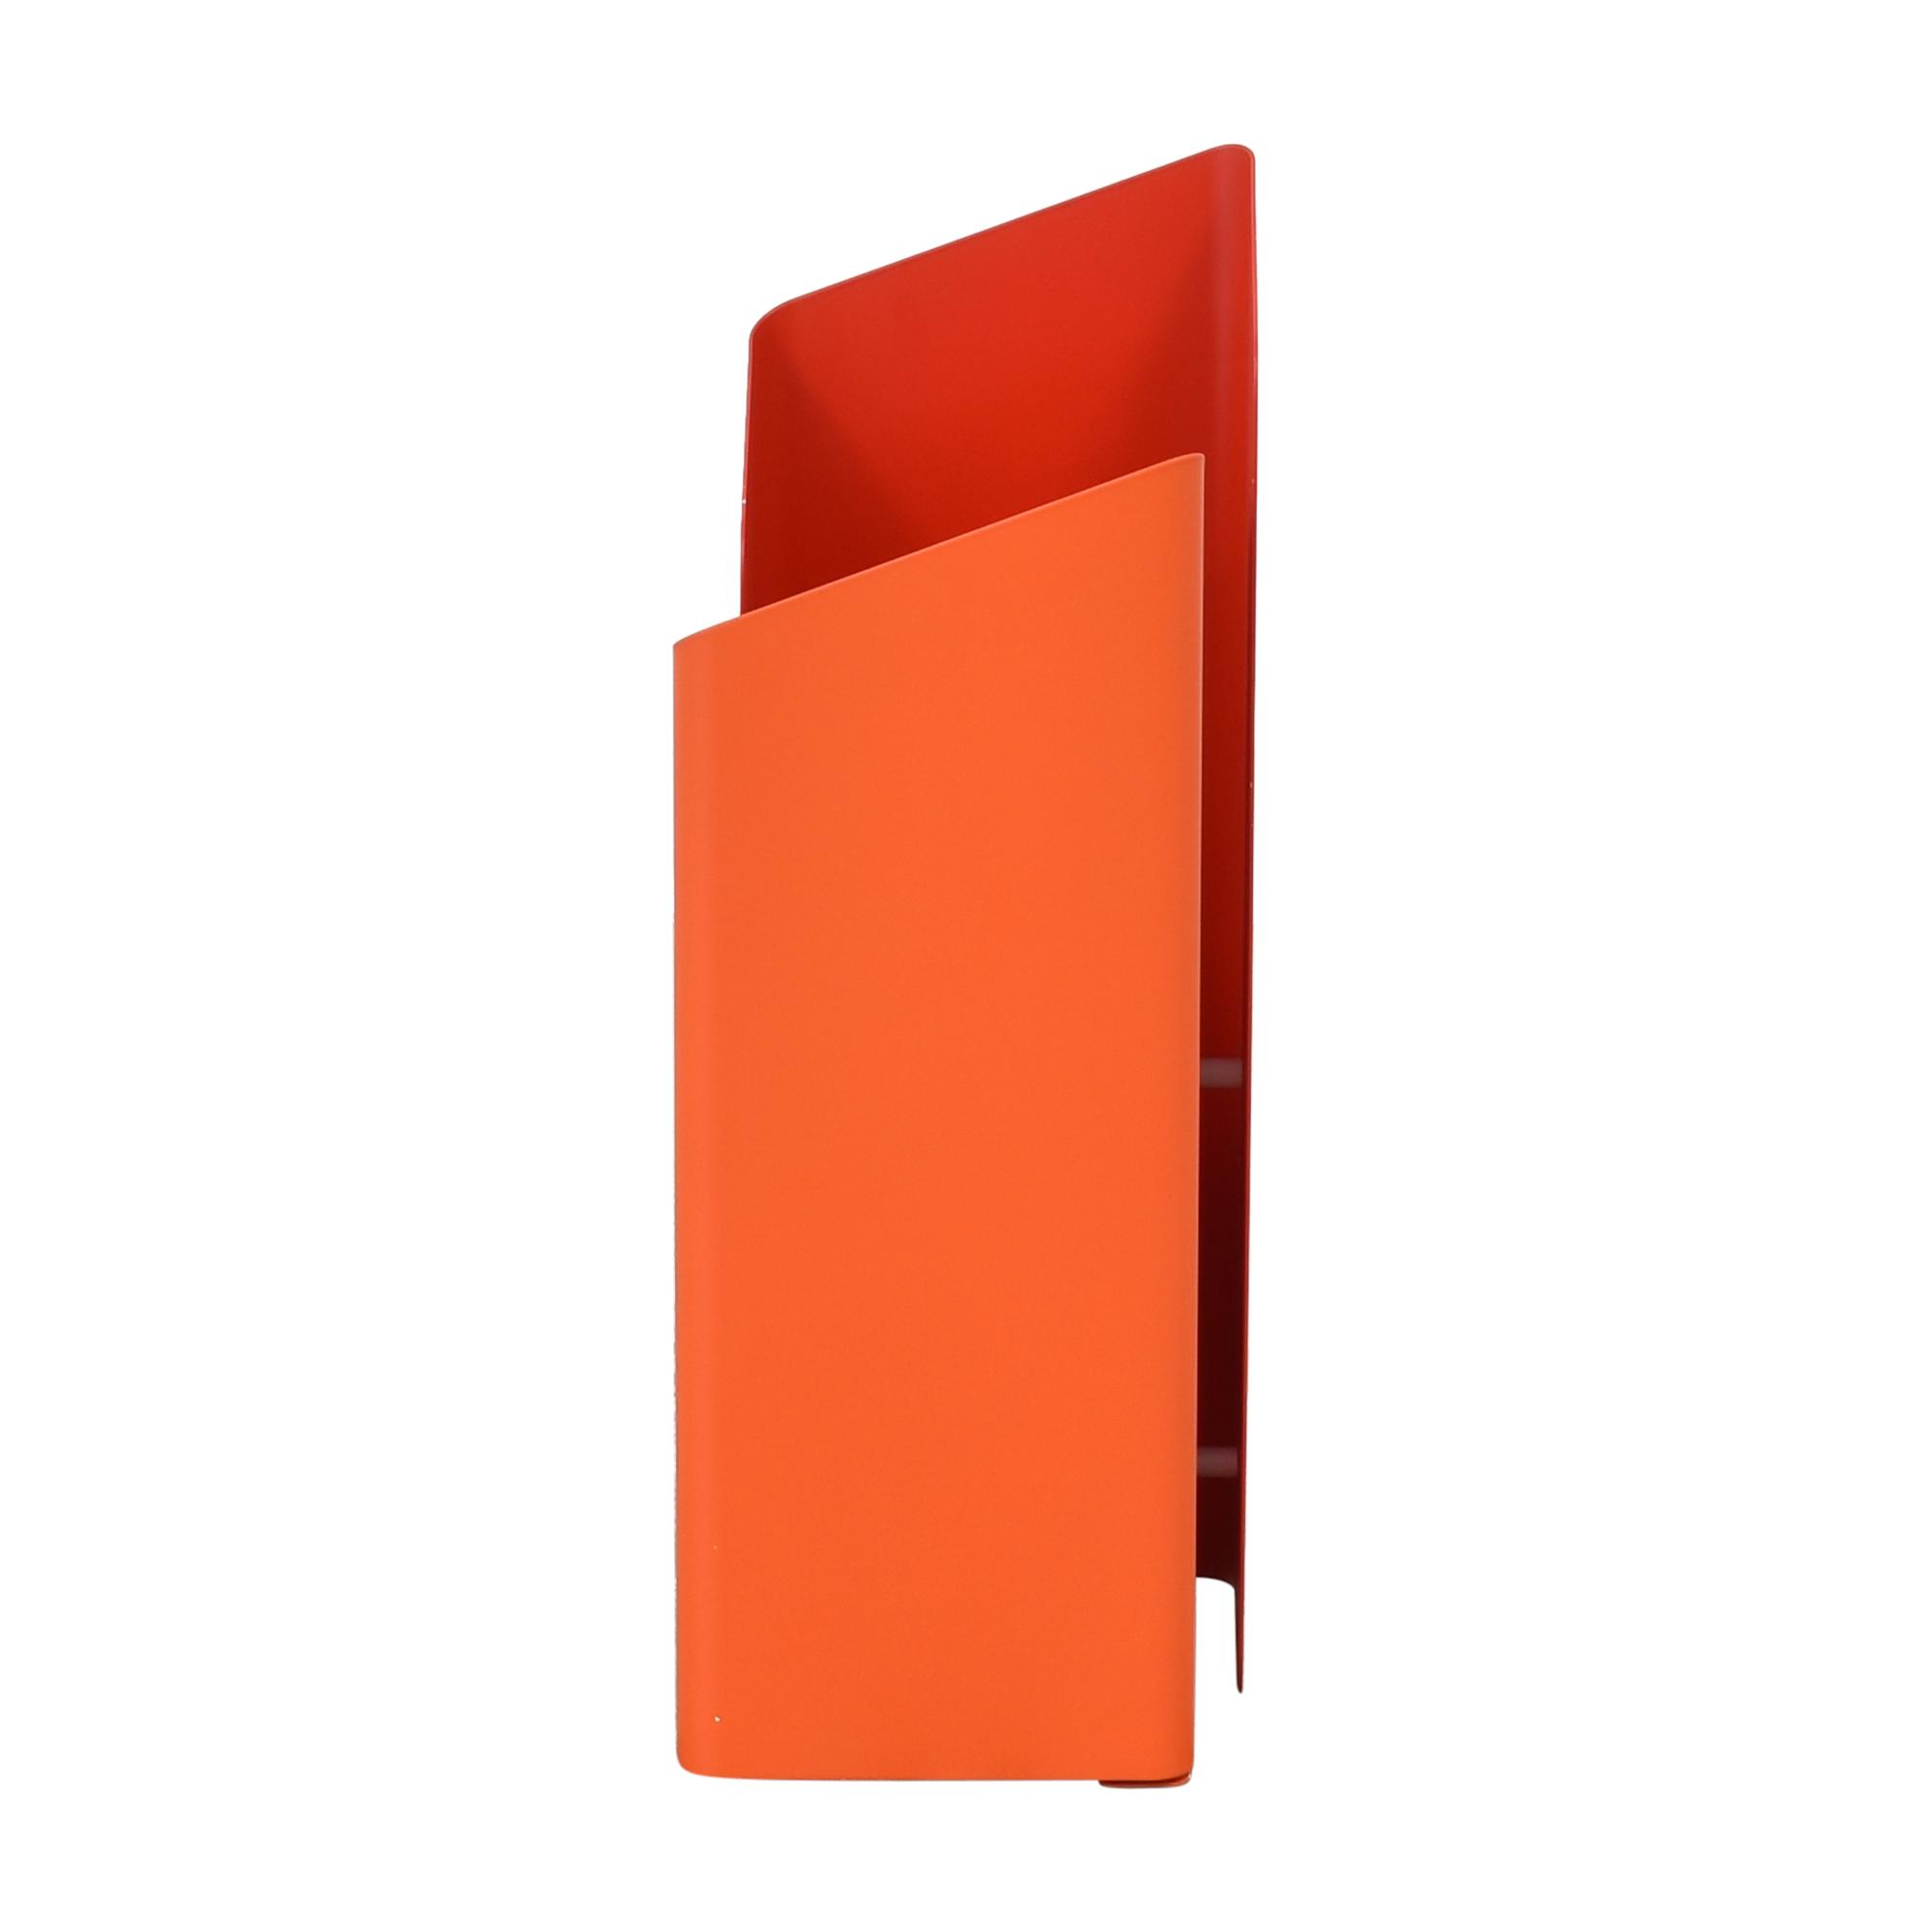 Progetti Progetti Laberint Umbrella Stand  price